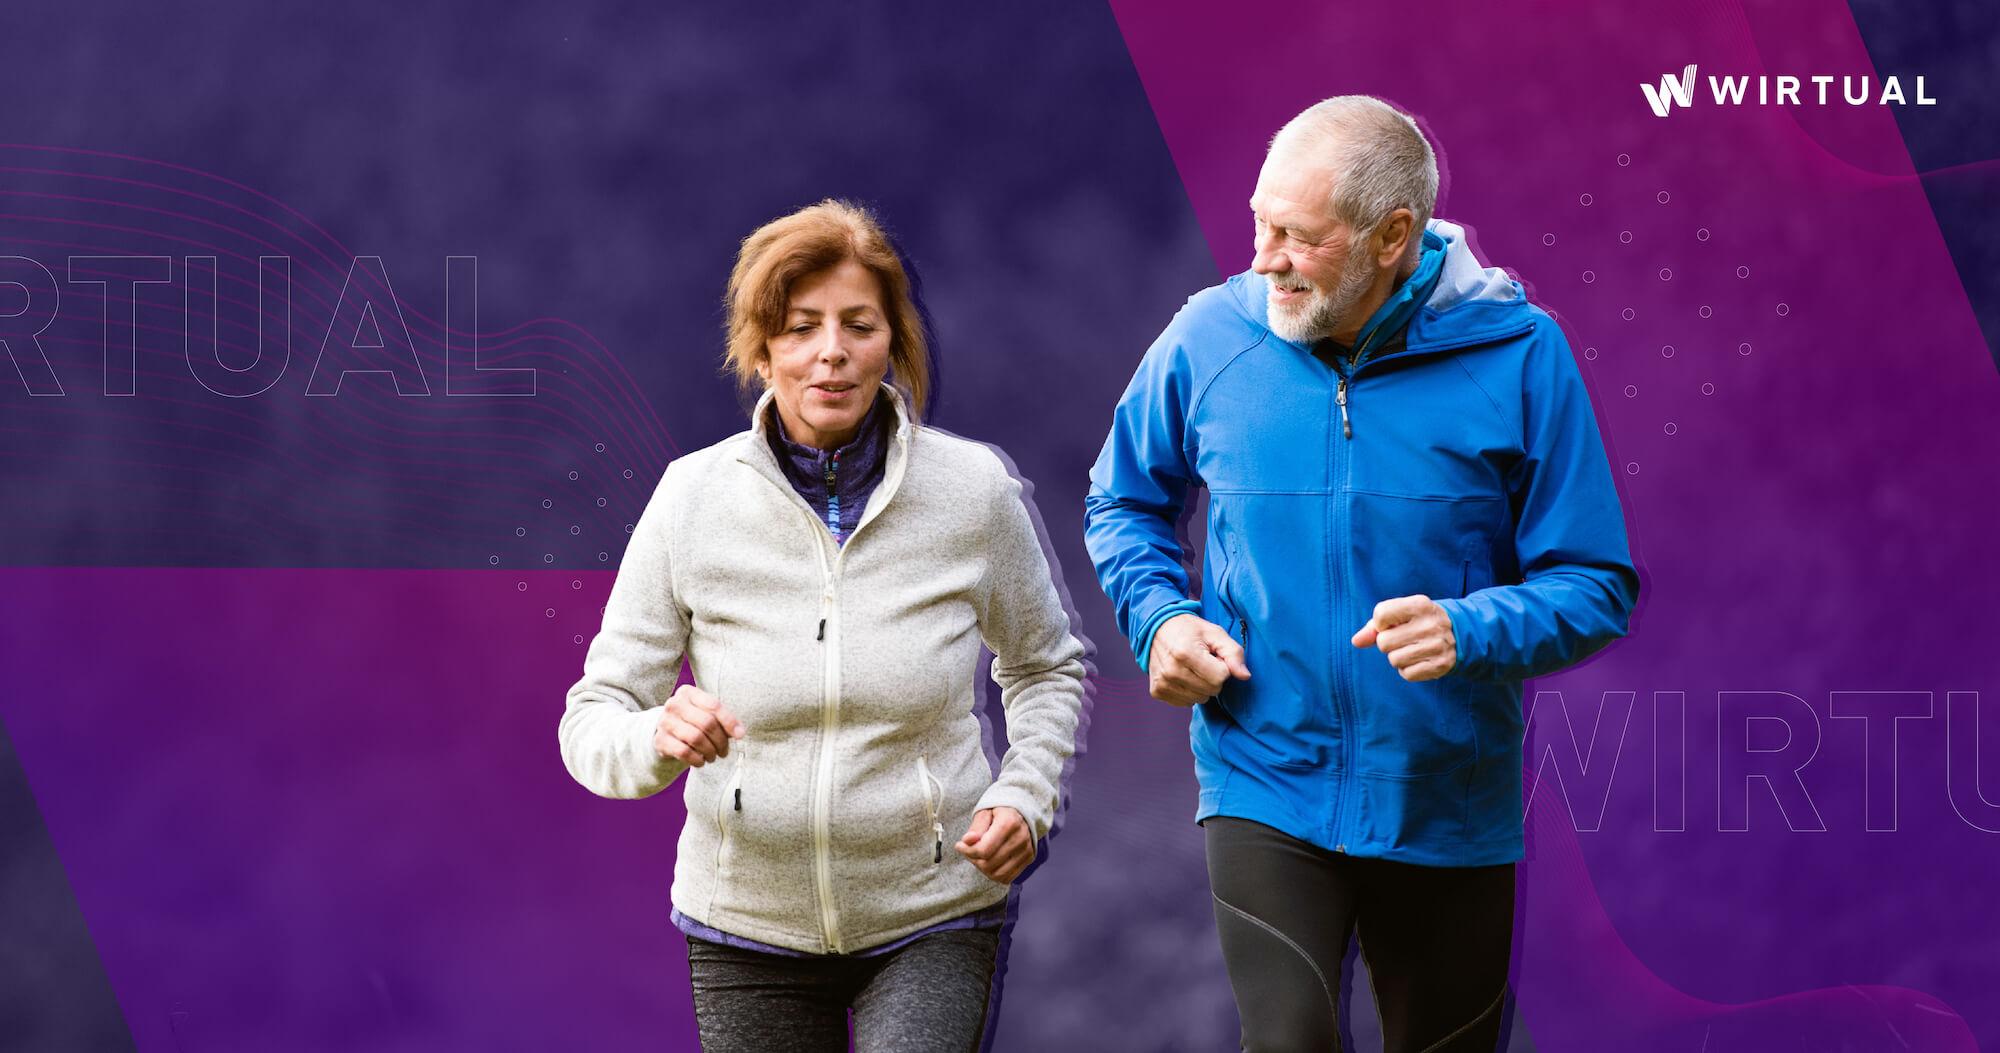 บำบัดจิตใจผ่านการเคลื่อนไหว วิ่งอย่างไรให้แข็งแกร่งทั้งร่างกายและจิตใจ ที่ไม่ว่าใครก็เริ่มต้นได้